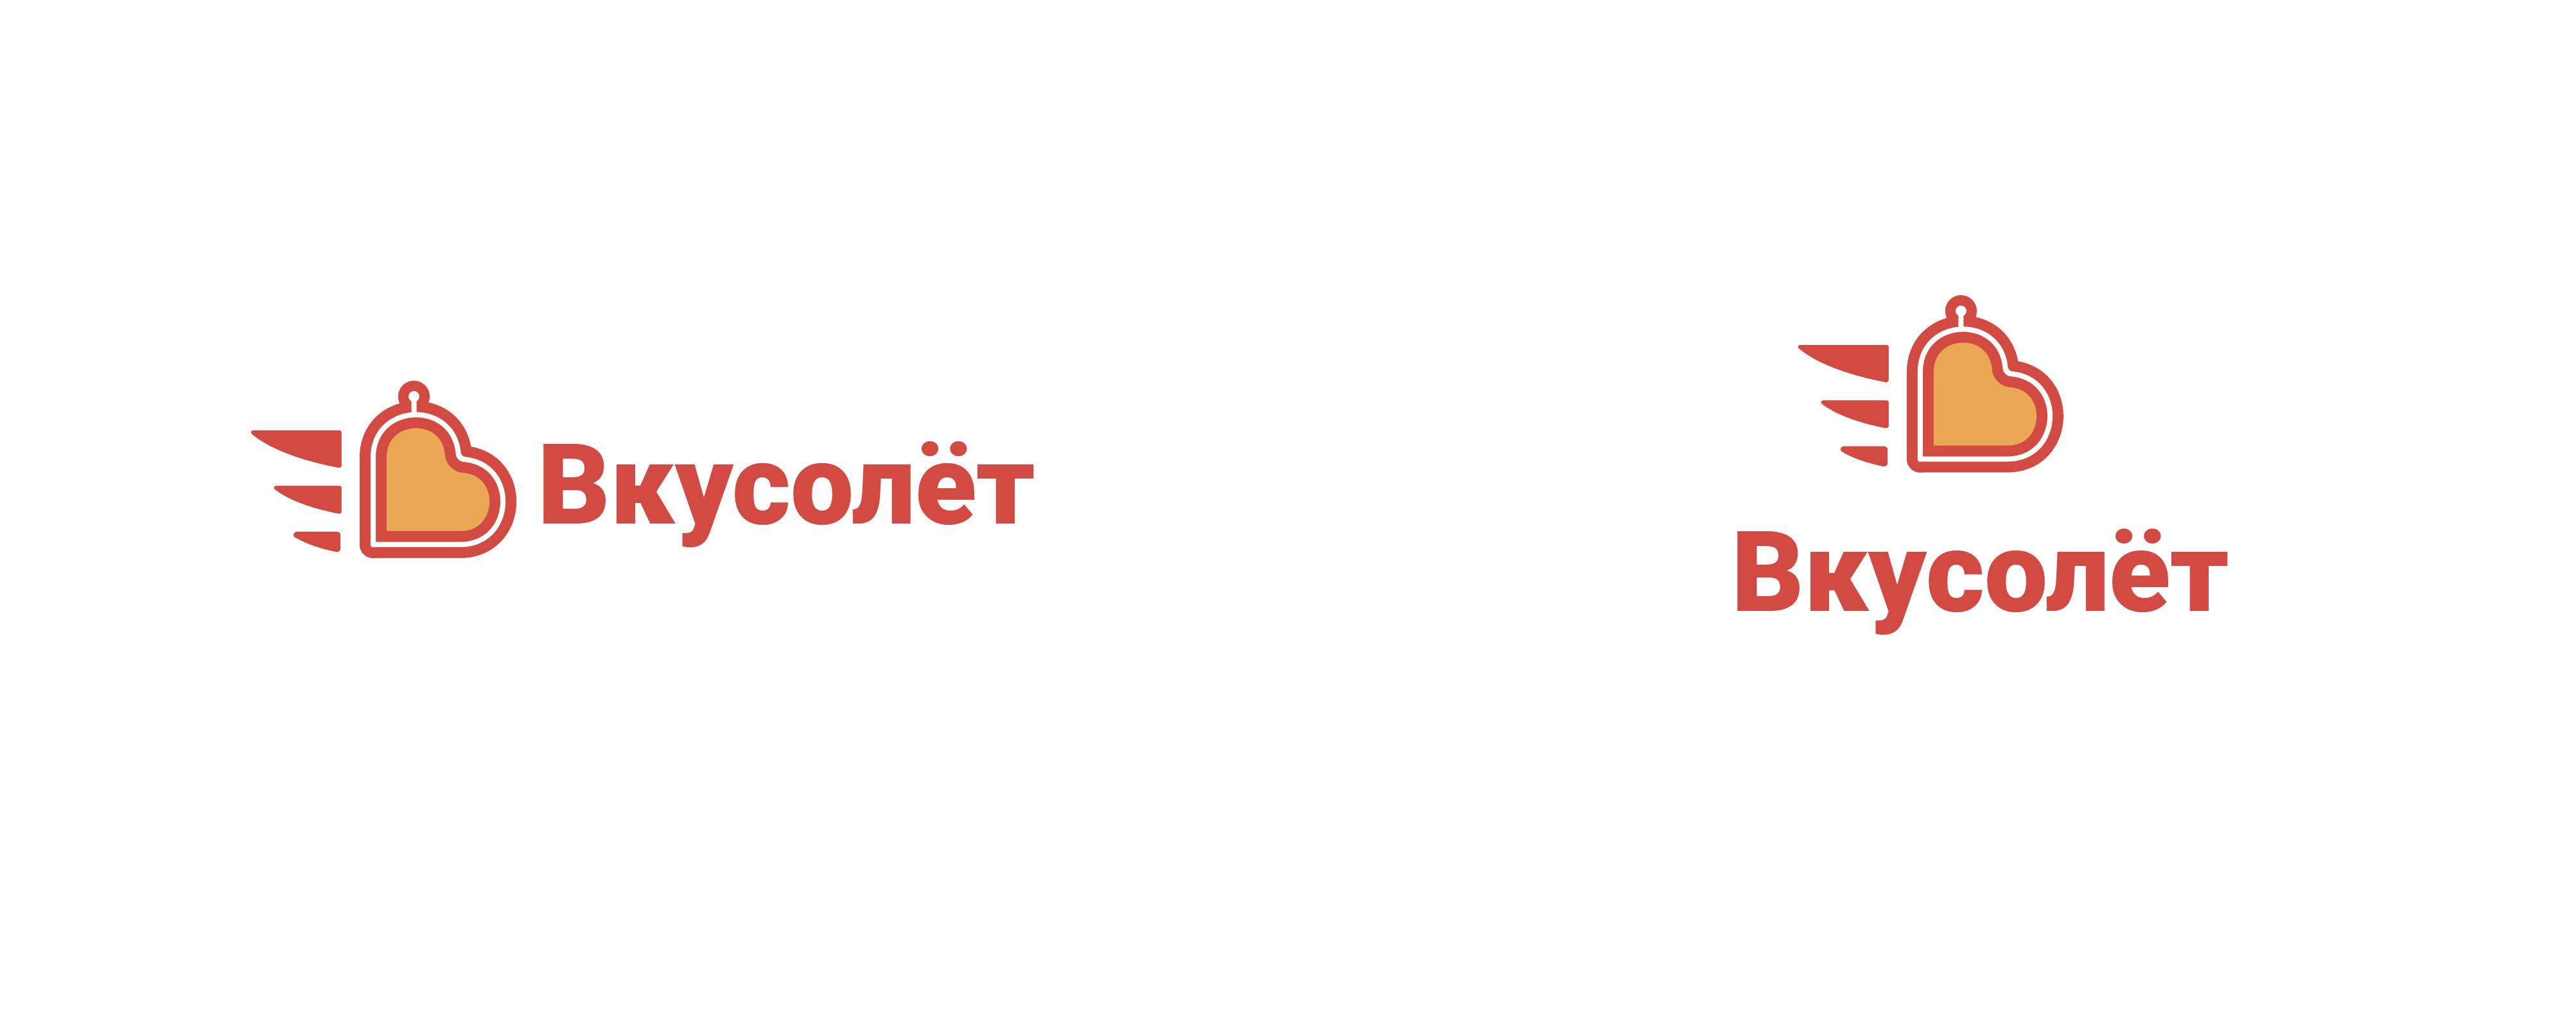 Логотип для доставки еды фото f_65159dbcfb8c6ab3.jpg